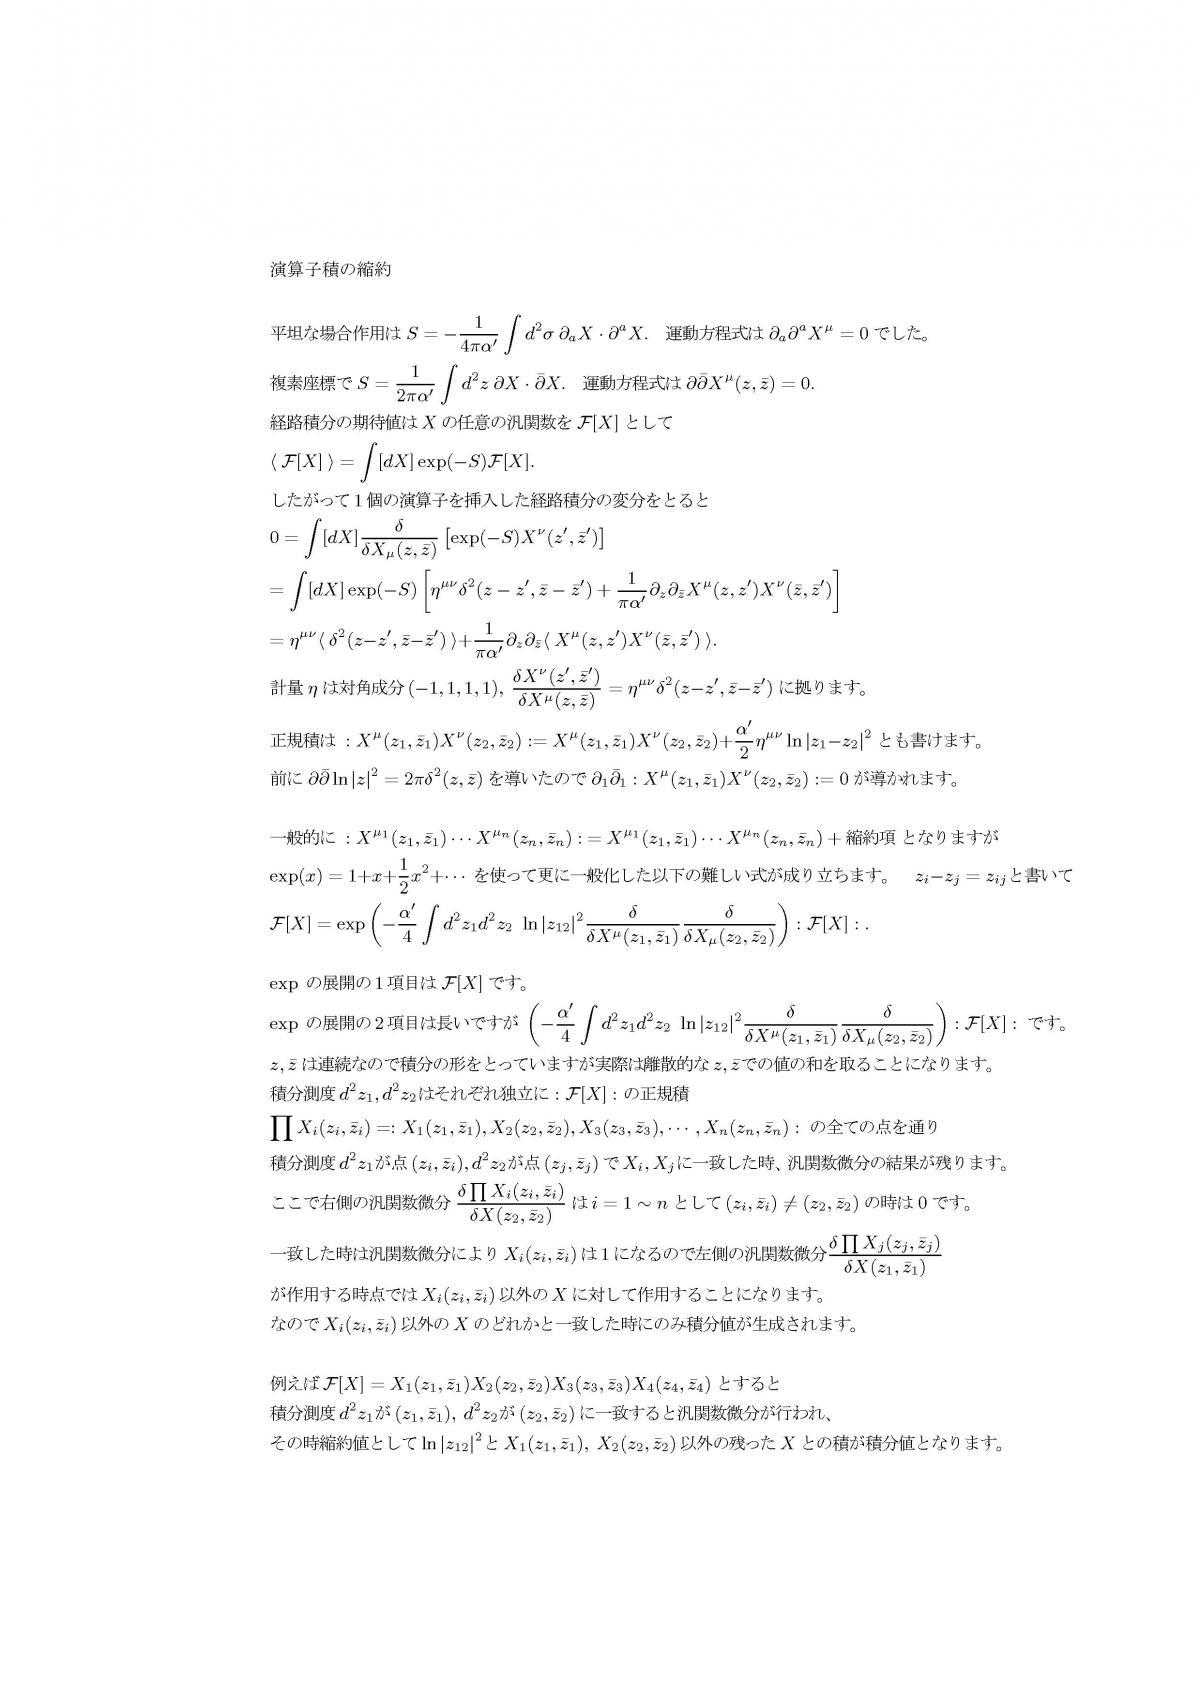 pgen29a.jpg